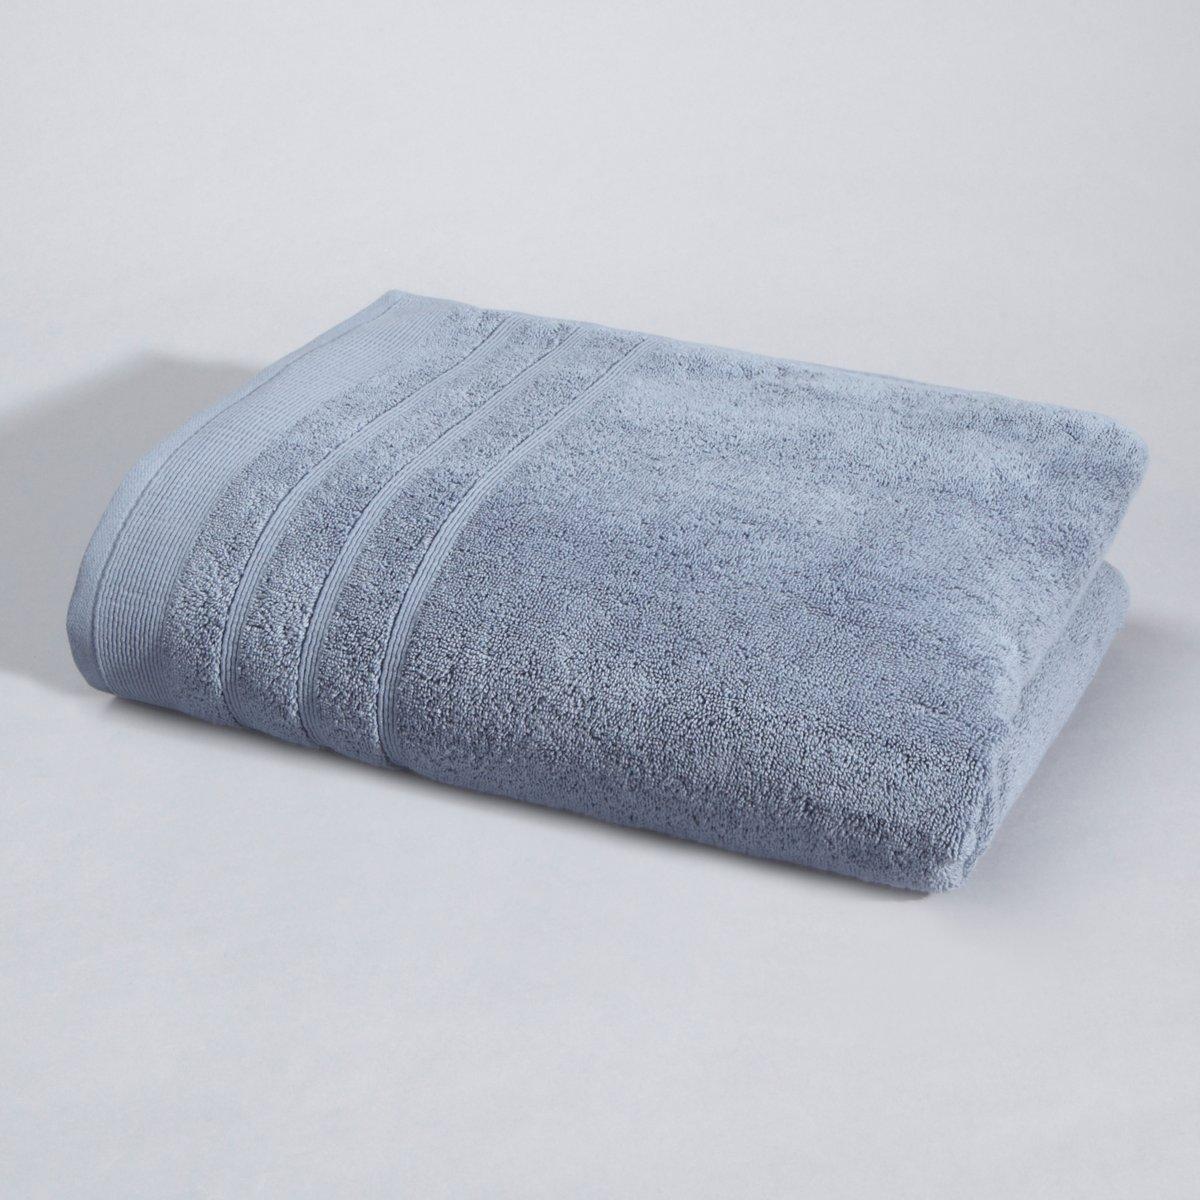 Полотенце La Redoute Банное гм Качество Best 100 x 150 см синий цена